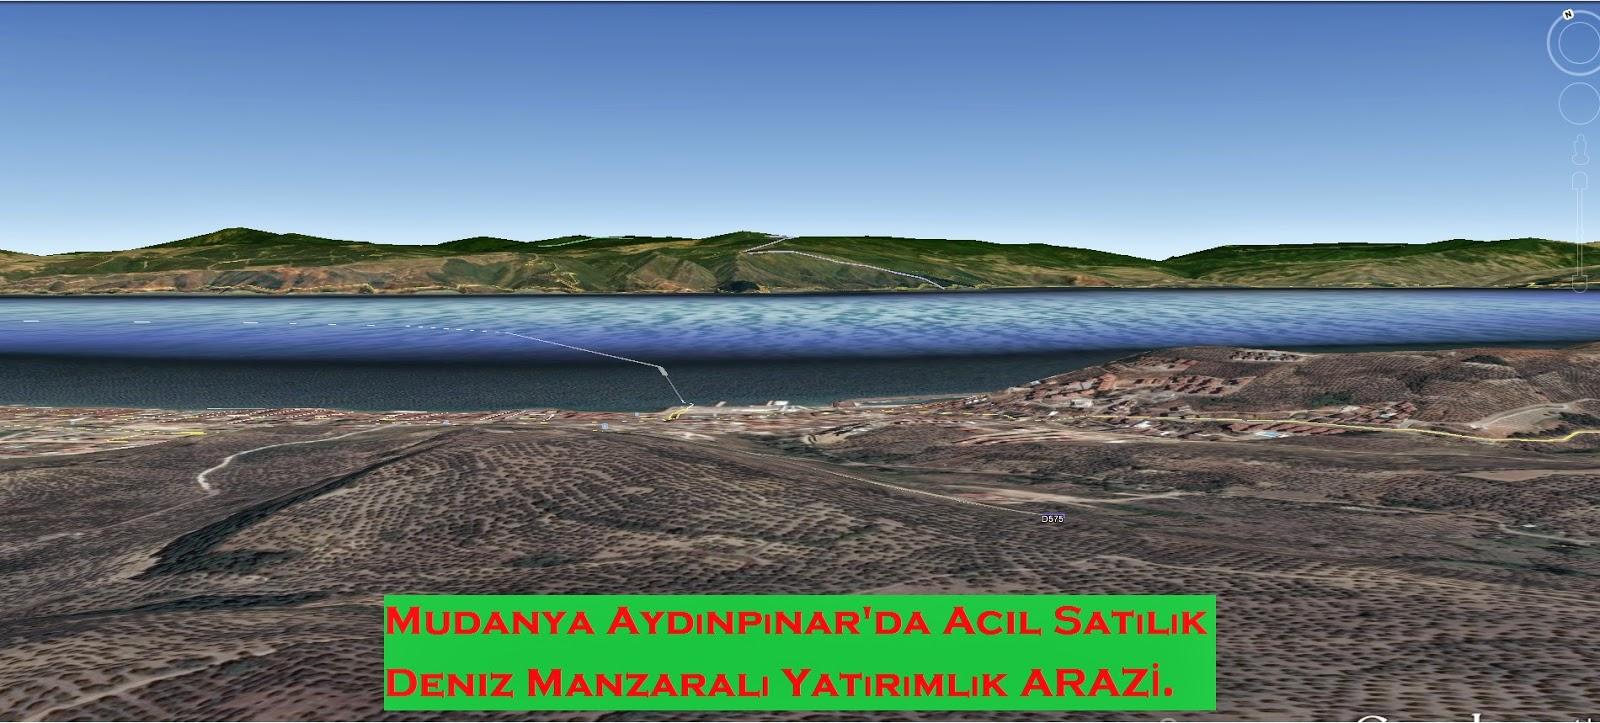 http://www.dijitalemlak.com.tr/ilan/2074995_mudanya-aydinpinarda-full-deniz-manzarali-acil-satilik-6700-m2.html